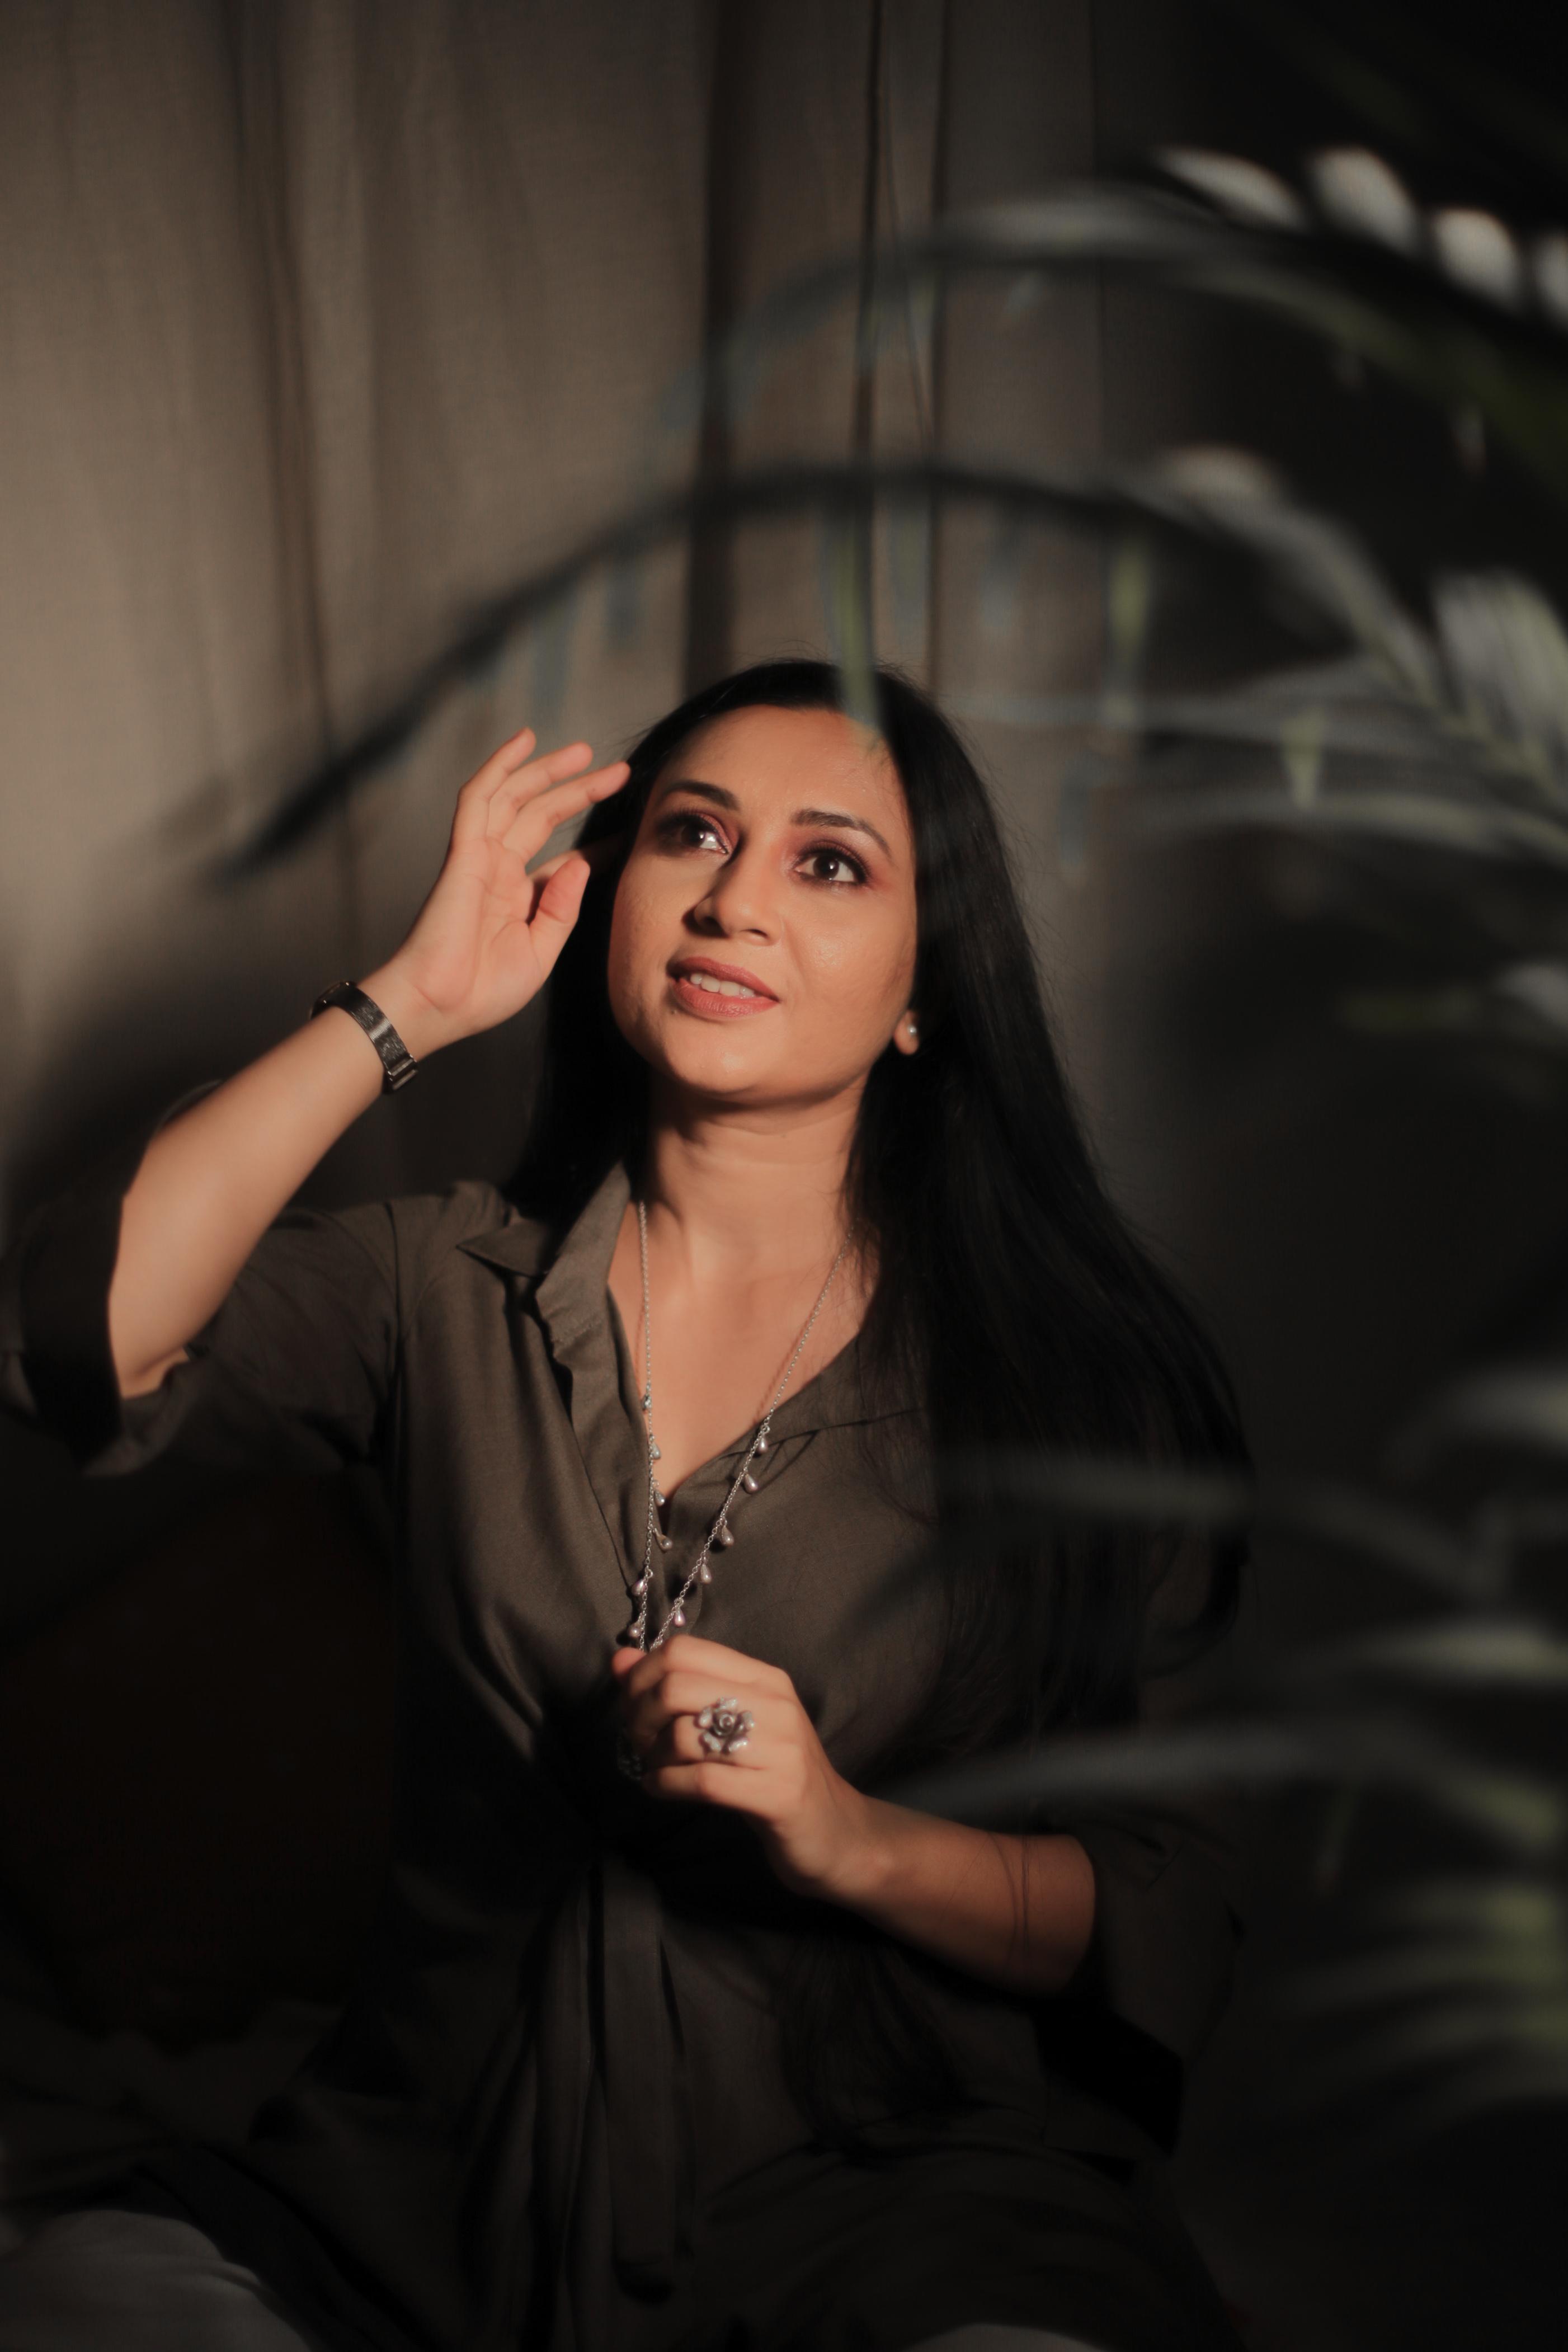 આ ઉપરાંત, બ્રિન્દા ત્રિવેદી ગુજરાતી ફિલ્મ 'હરણા'માં જોવા મળશે. જેમા તેની સાથે મુખ્ય ભૂમિકામાં પ્રતિક ગાંધી છે. લૉકડાઉન બાદ પરિસ્થિતિ સામાન્ય થતા જ આ ફિલ્મ રિલીઝ થશે.